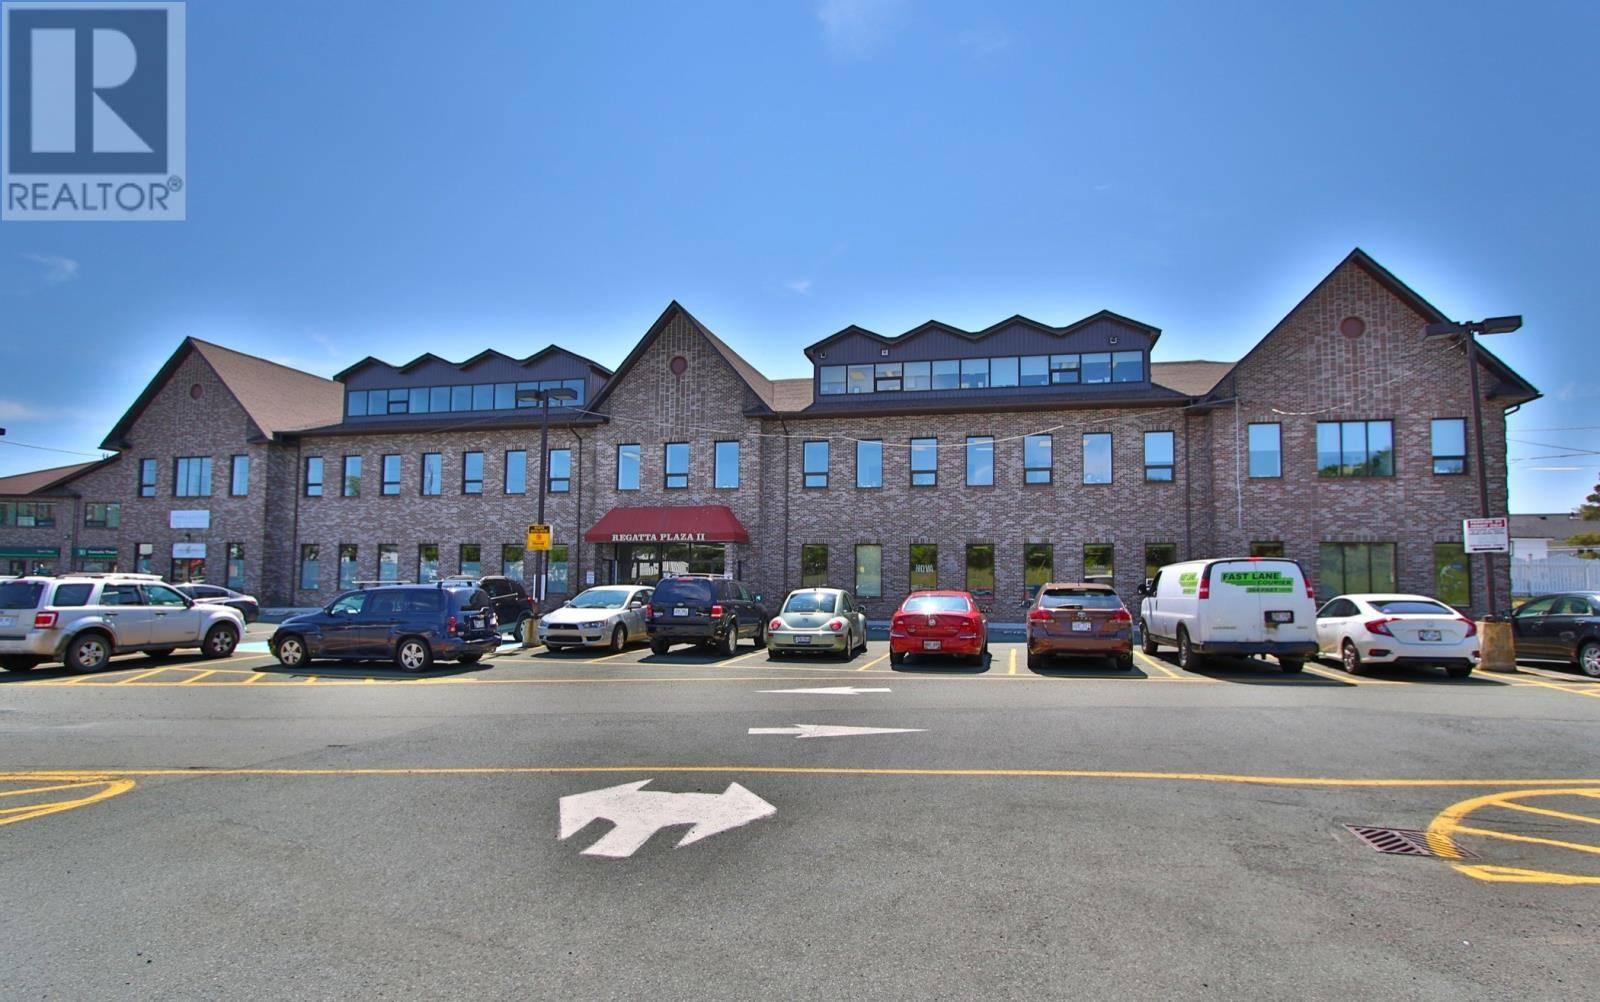 Property for rent at 84 Elizabeth Ave Unit 301 St. John's Newfoundland - MLS: 1203230